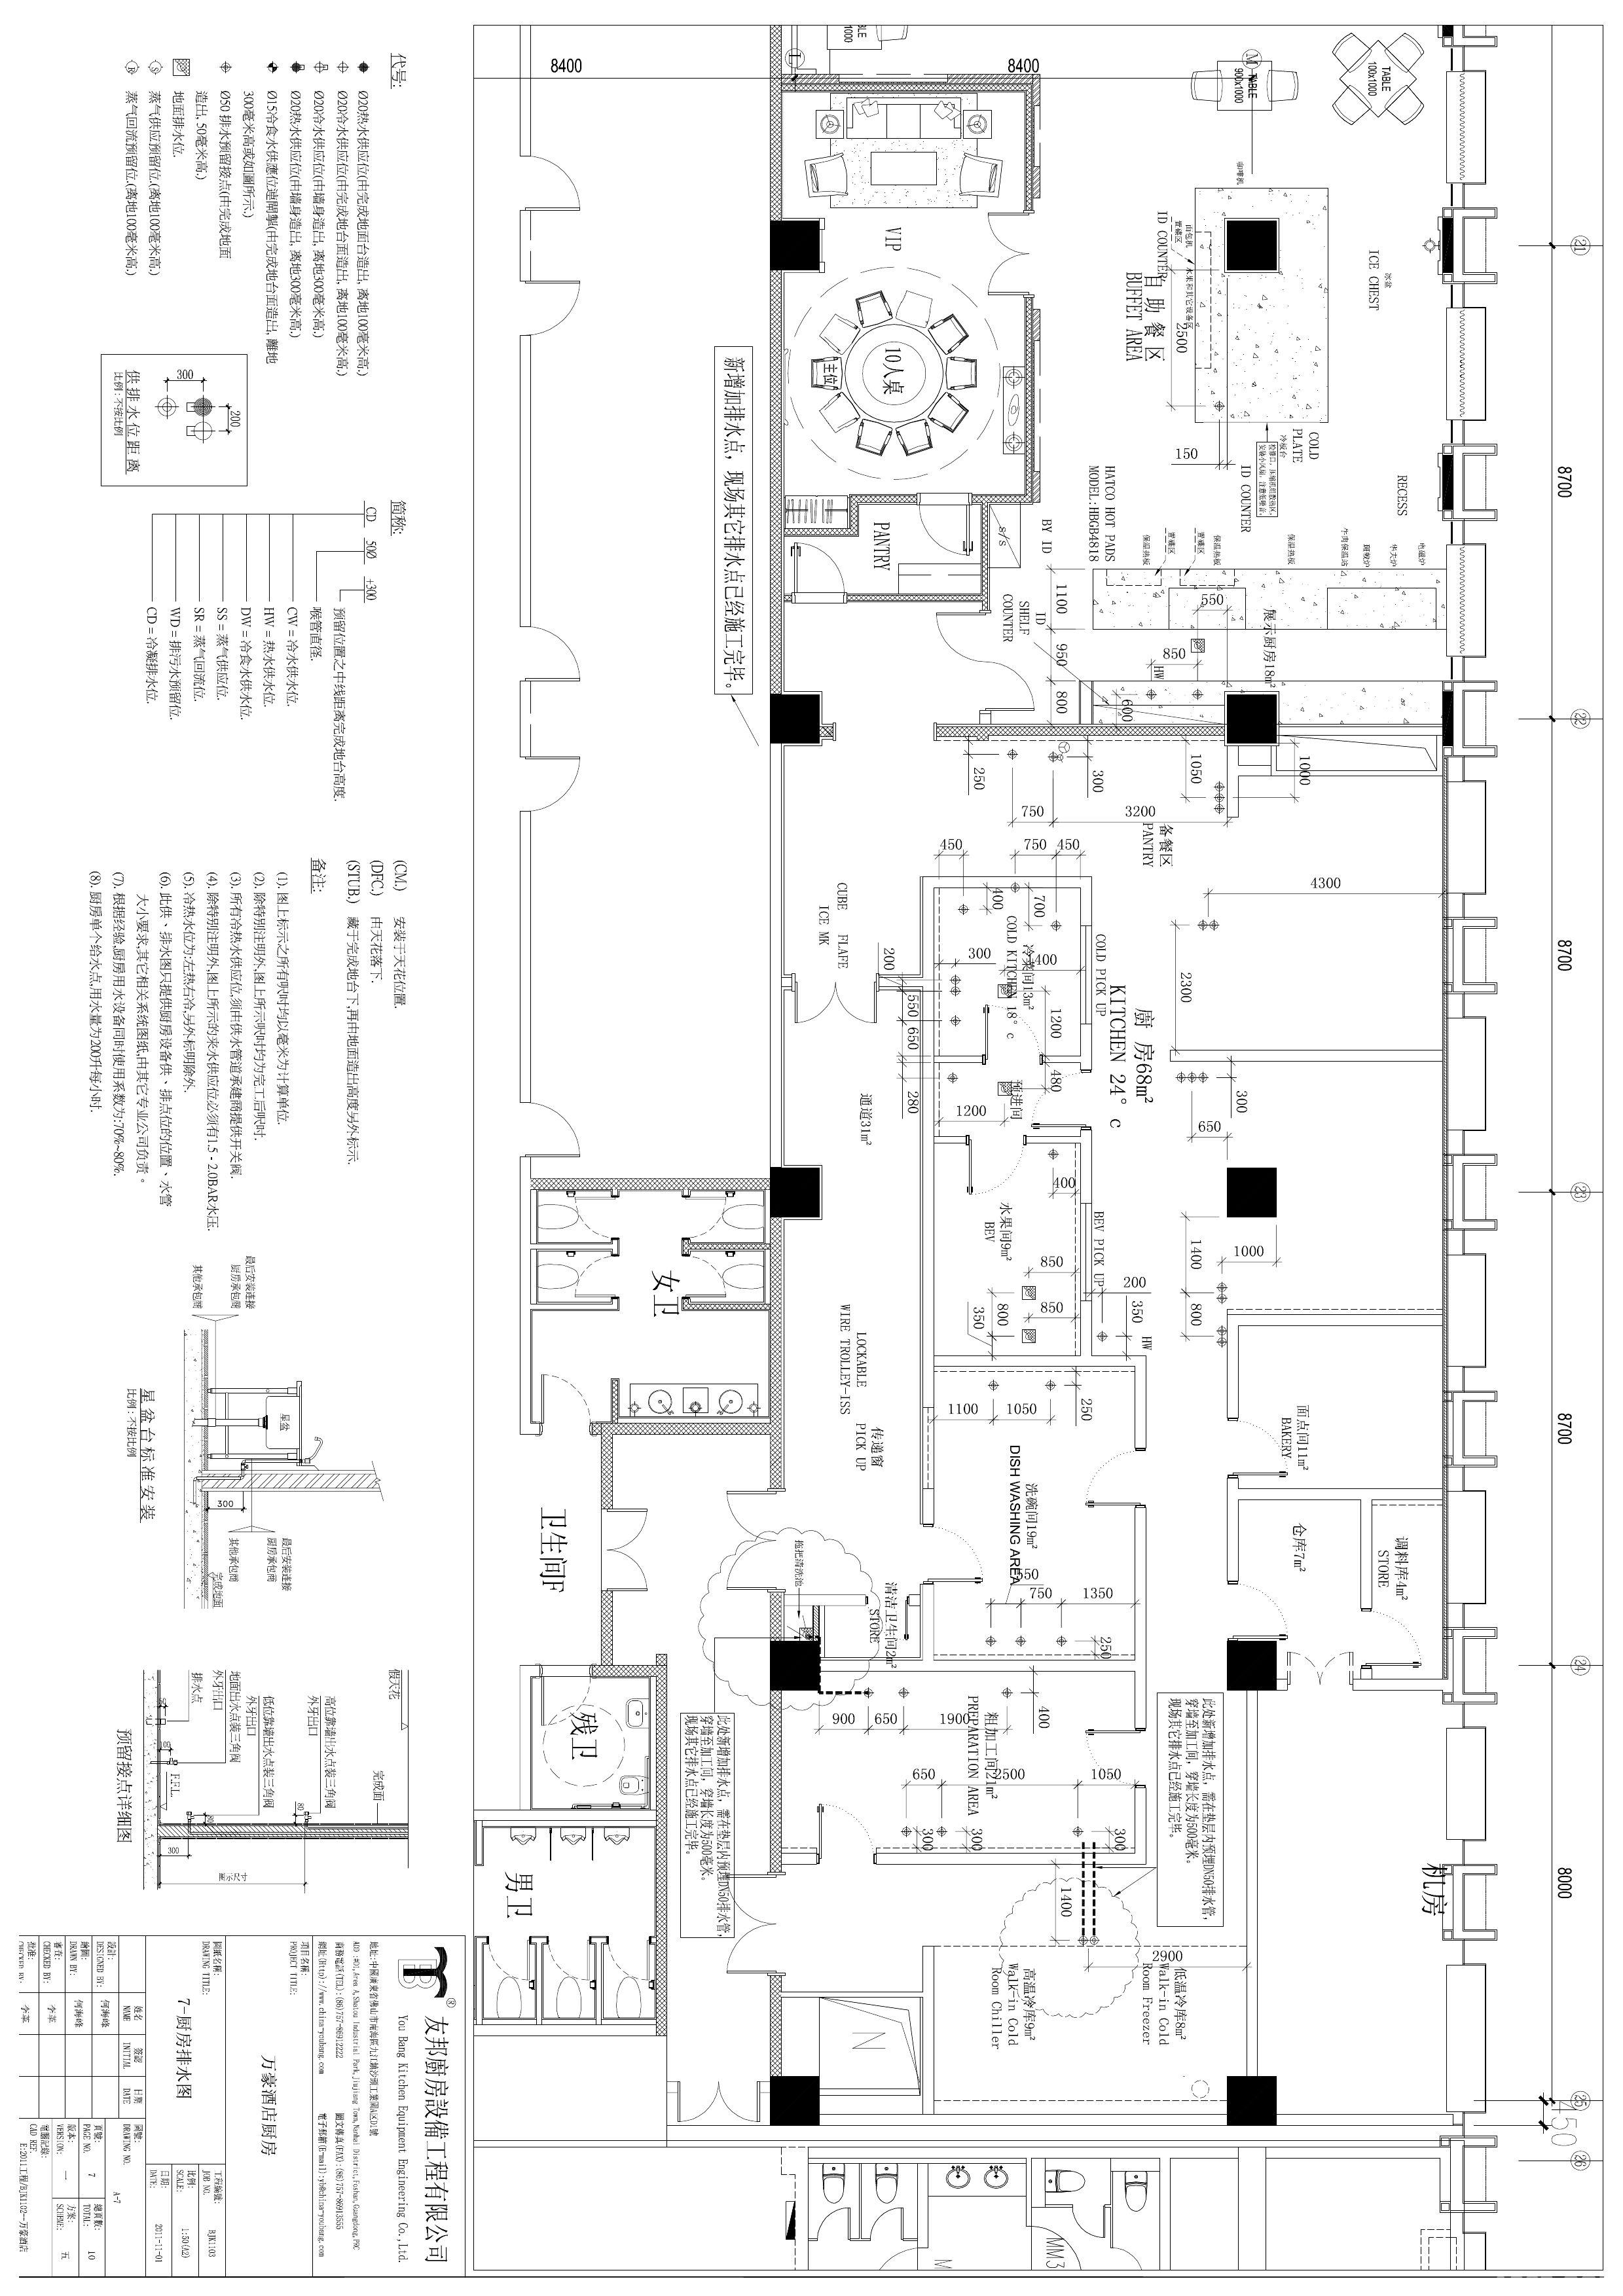 北京 北京饭店 酒店厨房设计 施工图 - 平面 - 第2页